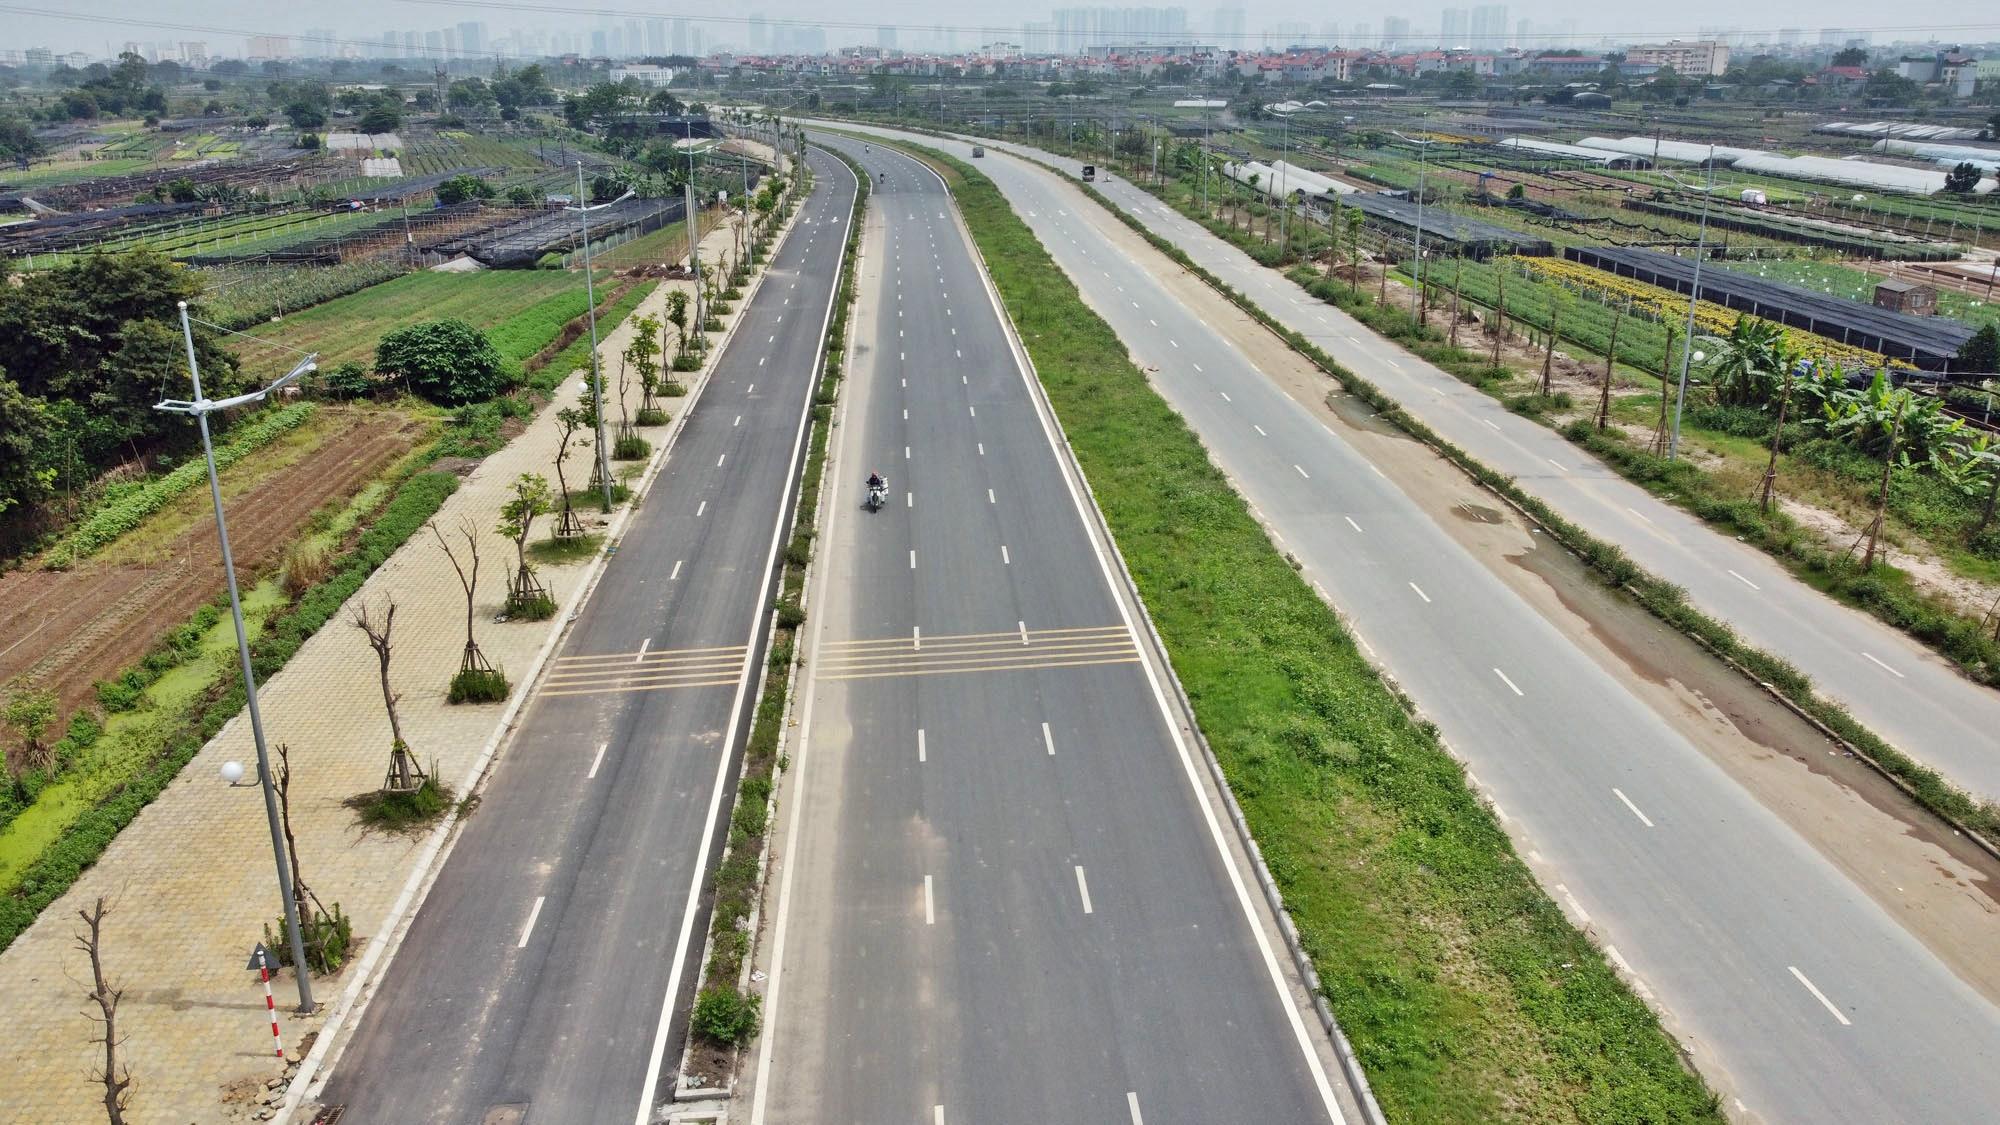 Toàn cảnh đường Tây Thăng Long đang mở theo quy hoạch ở Hà Nội - Ảnh 5.